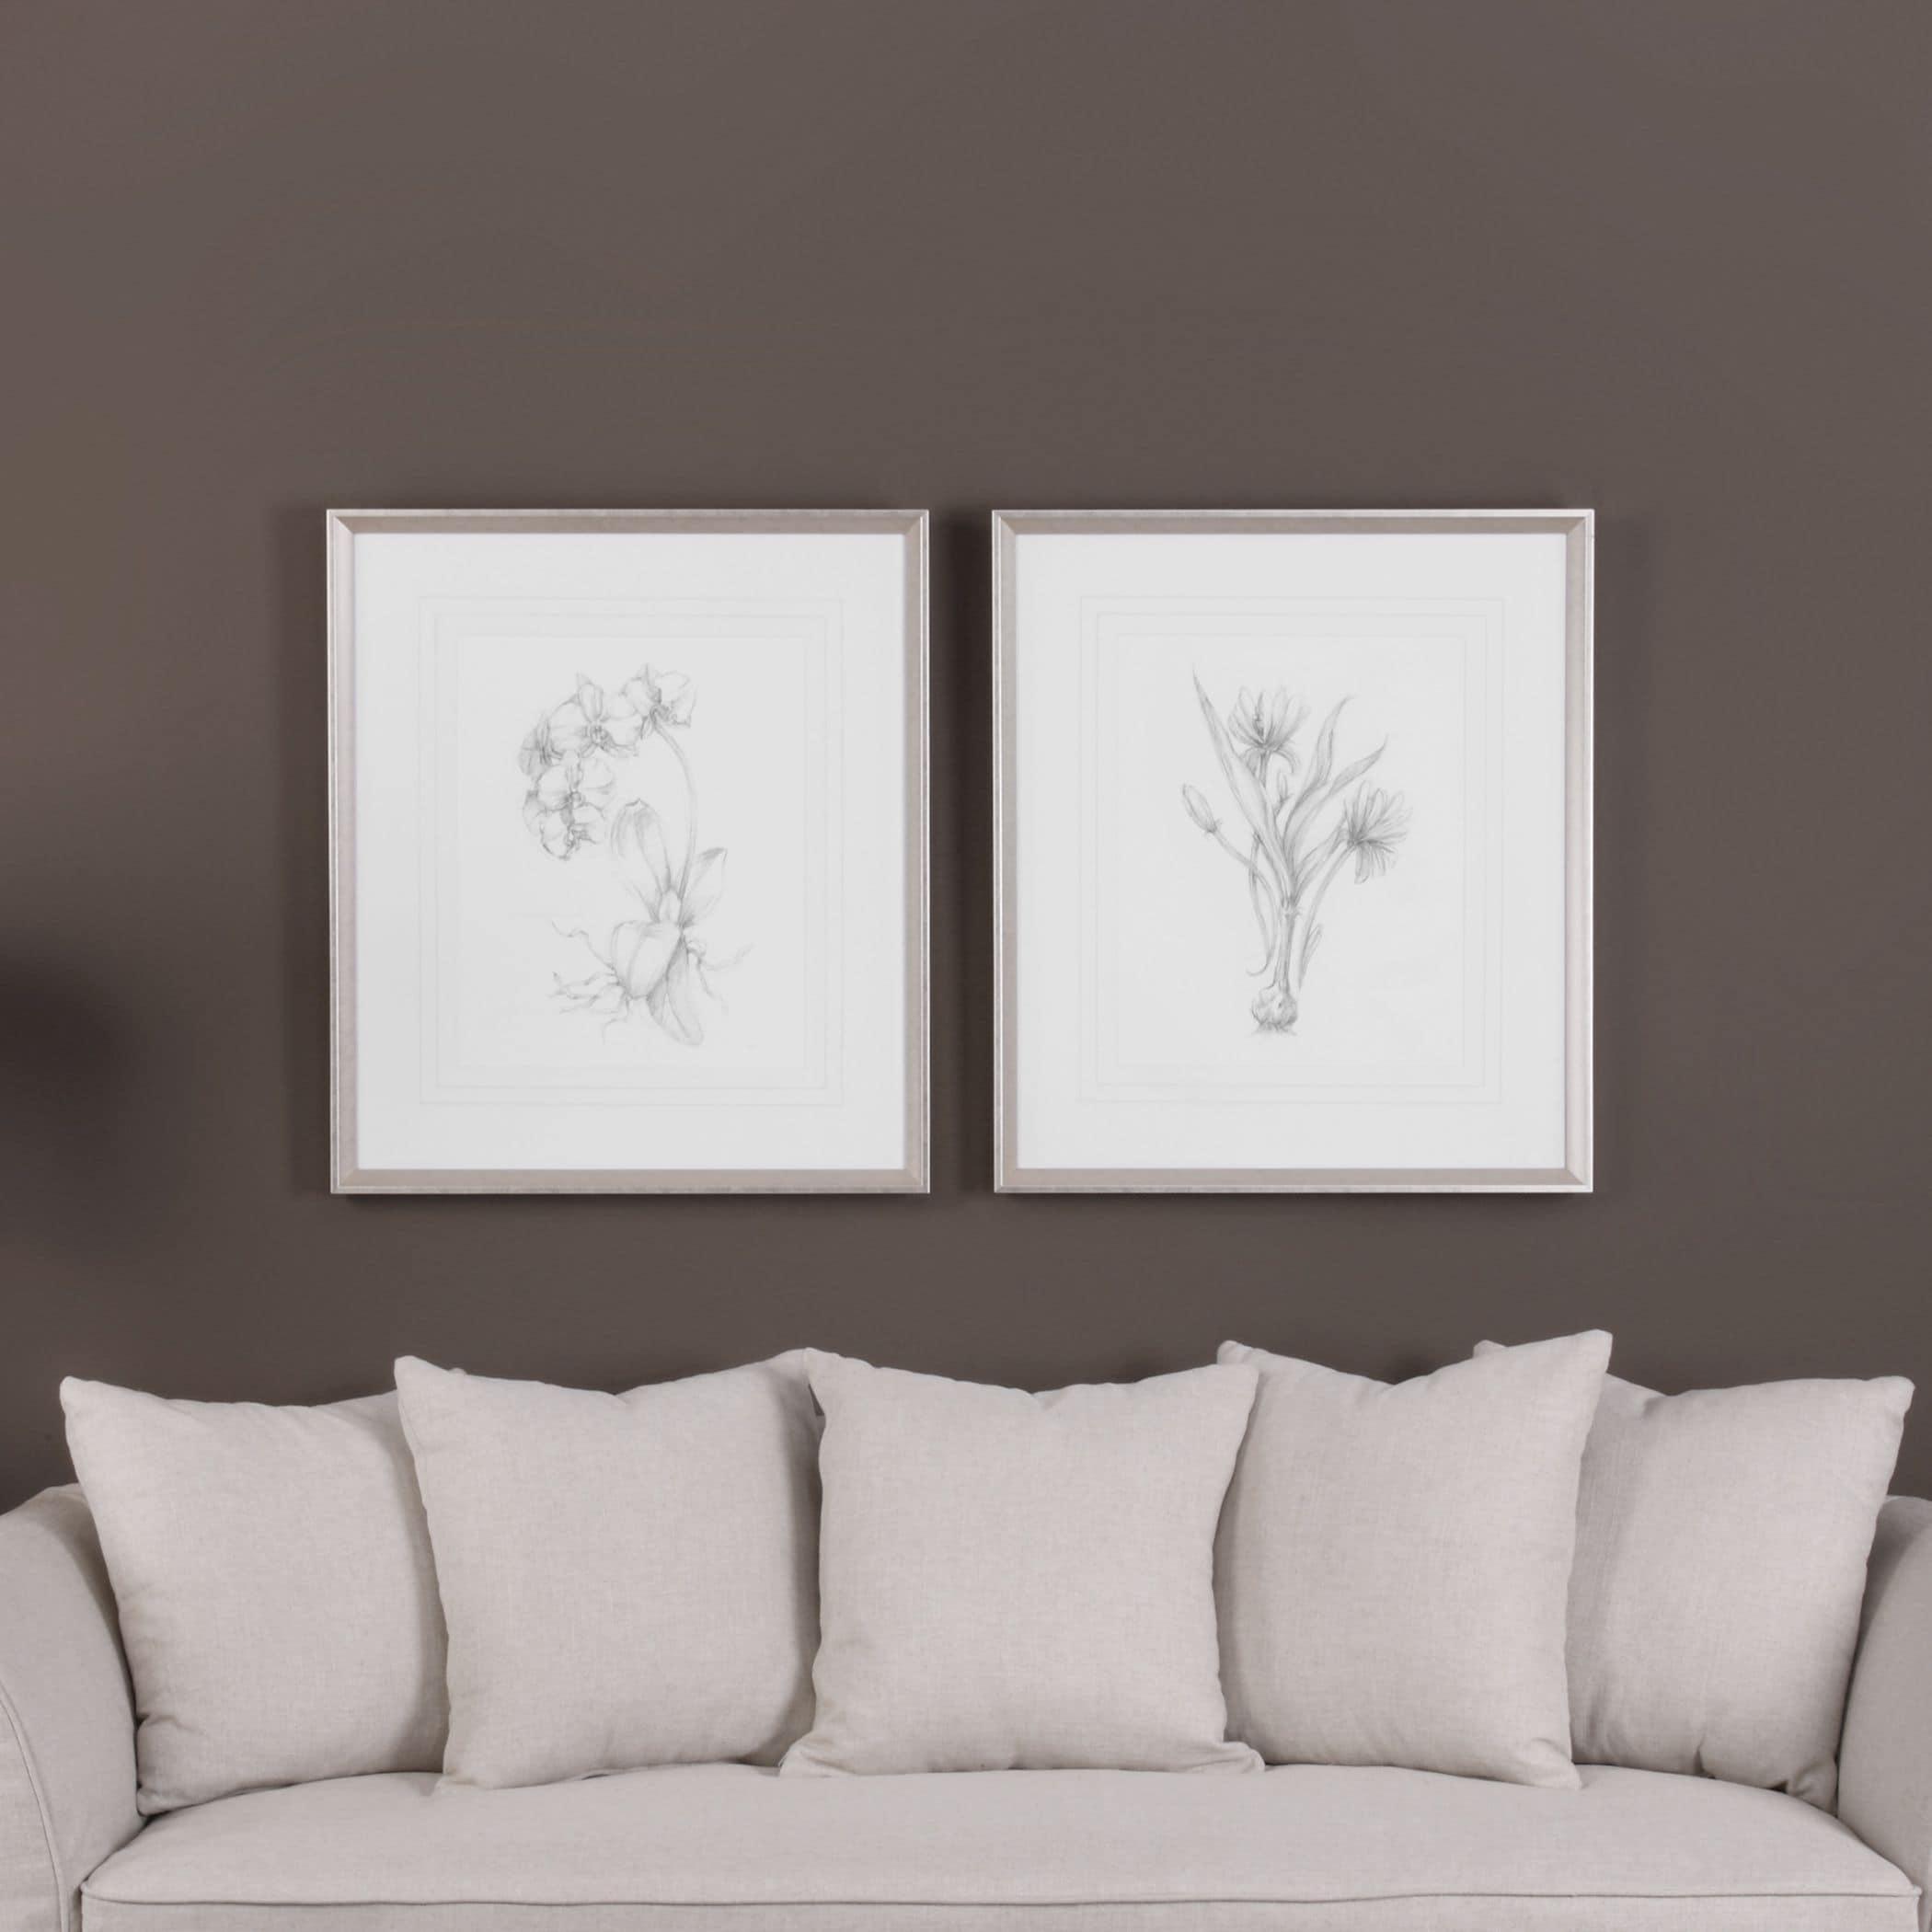 Uttermost Botanical Sketches Framed Prints (Set of 2) - Free ...